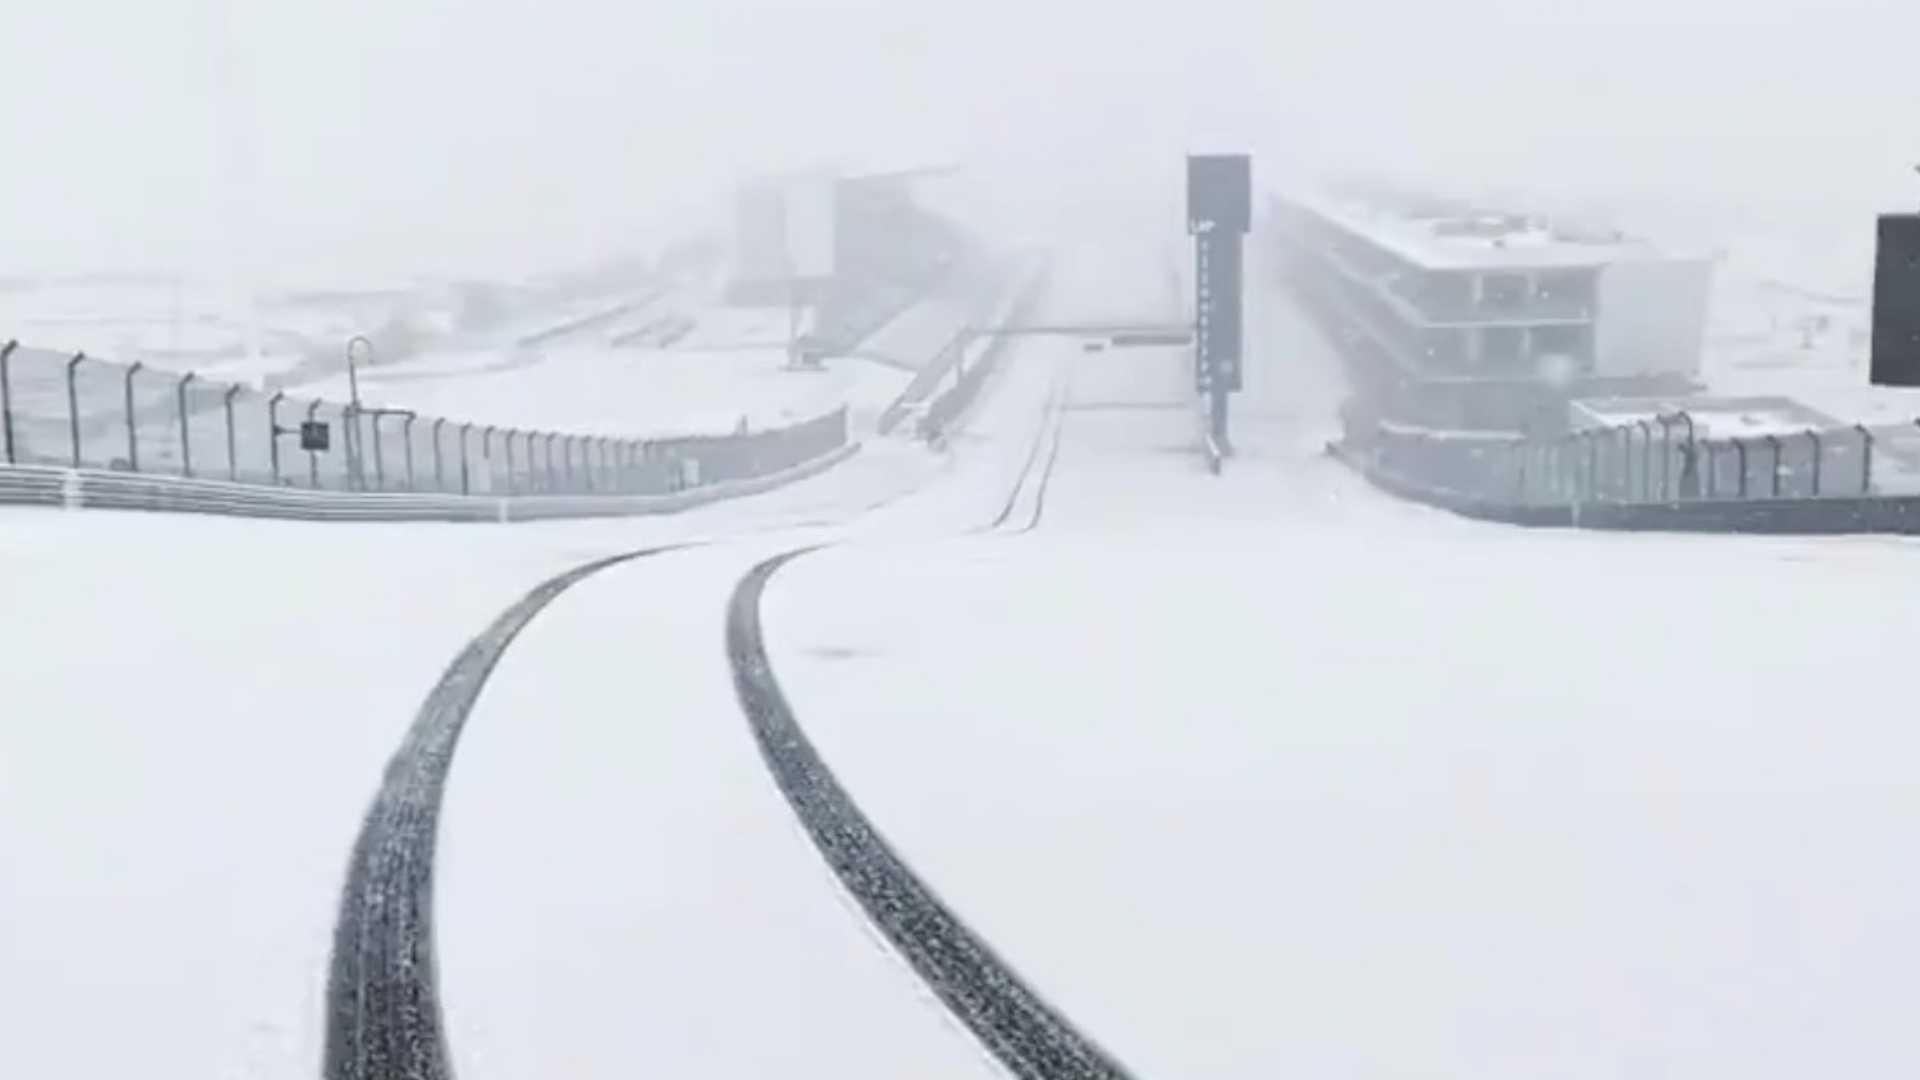 Посмотрите на трассу Америки в Техасе, полностью покрытую снегом